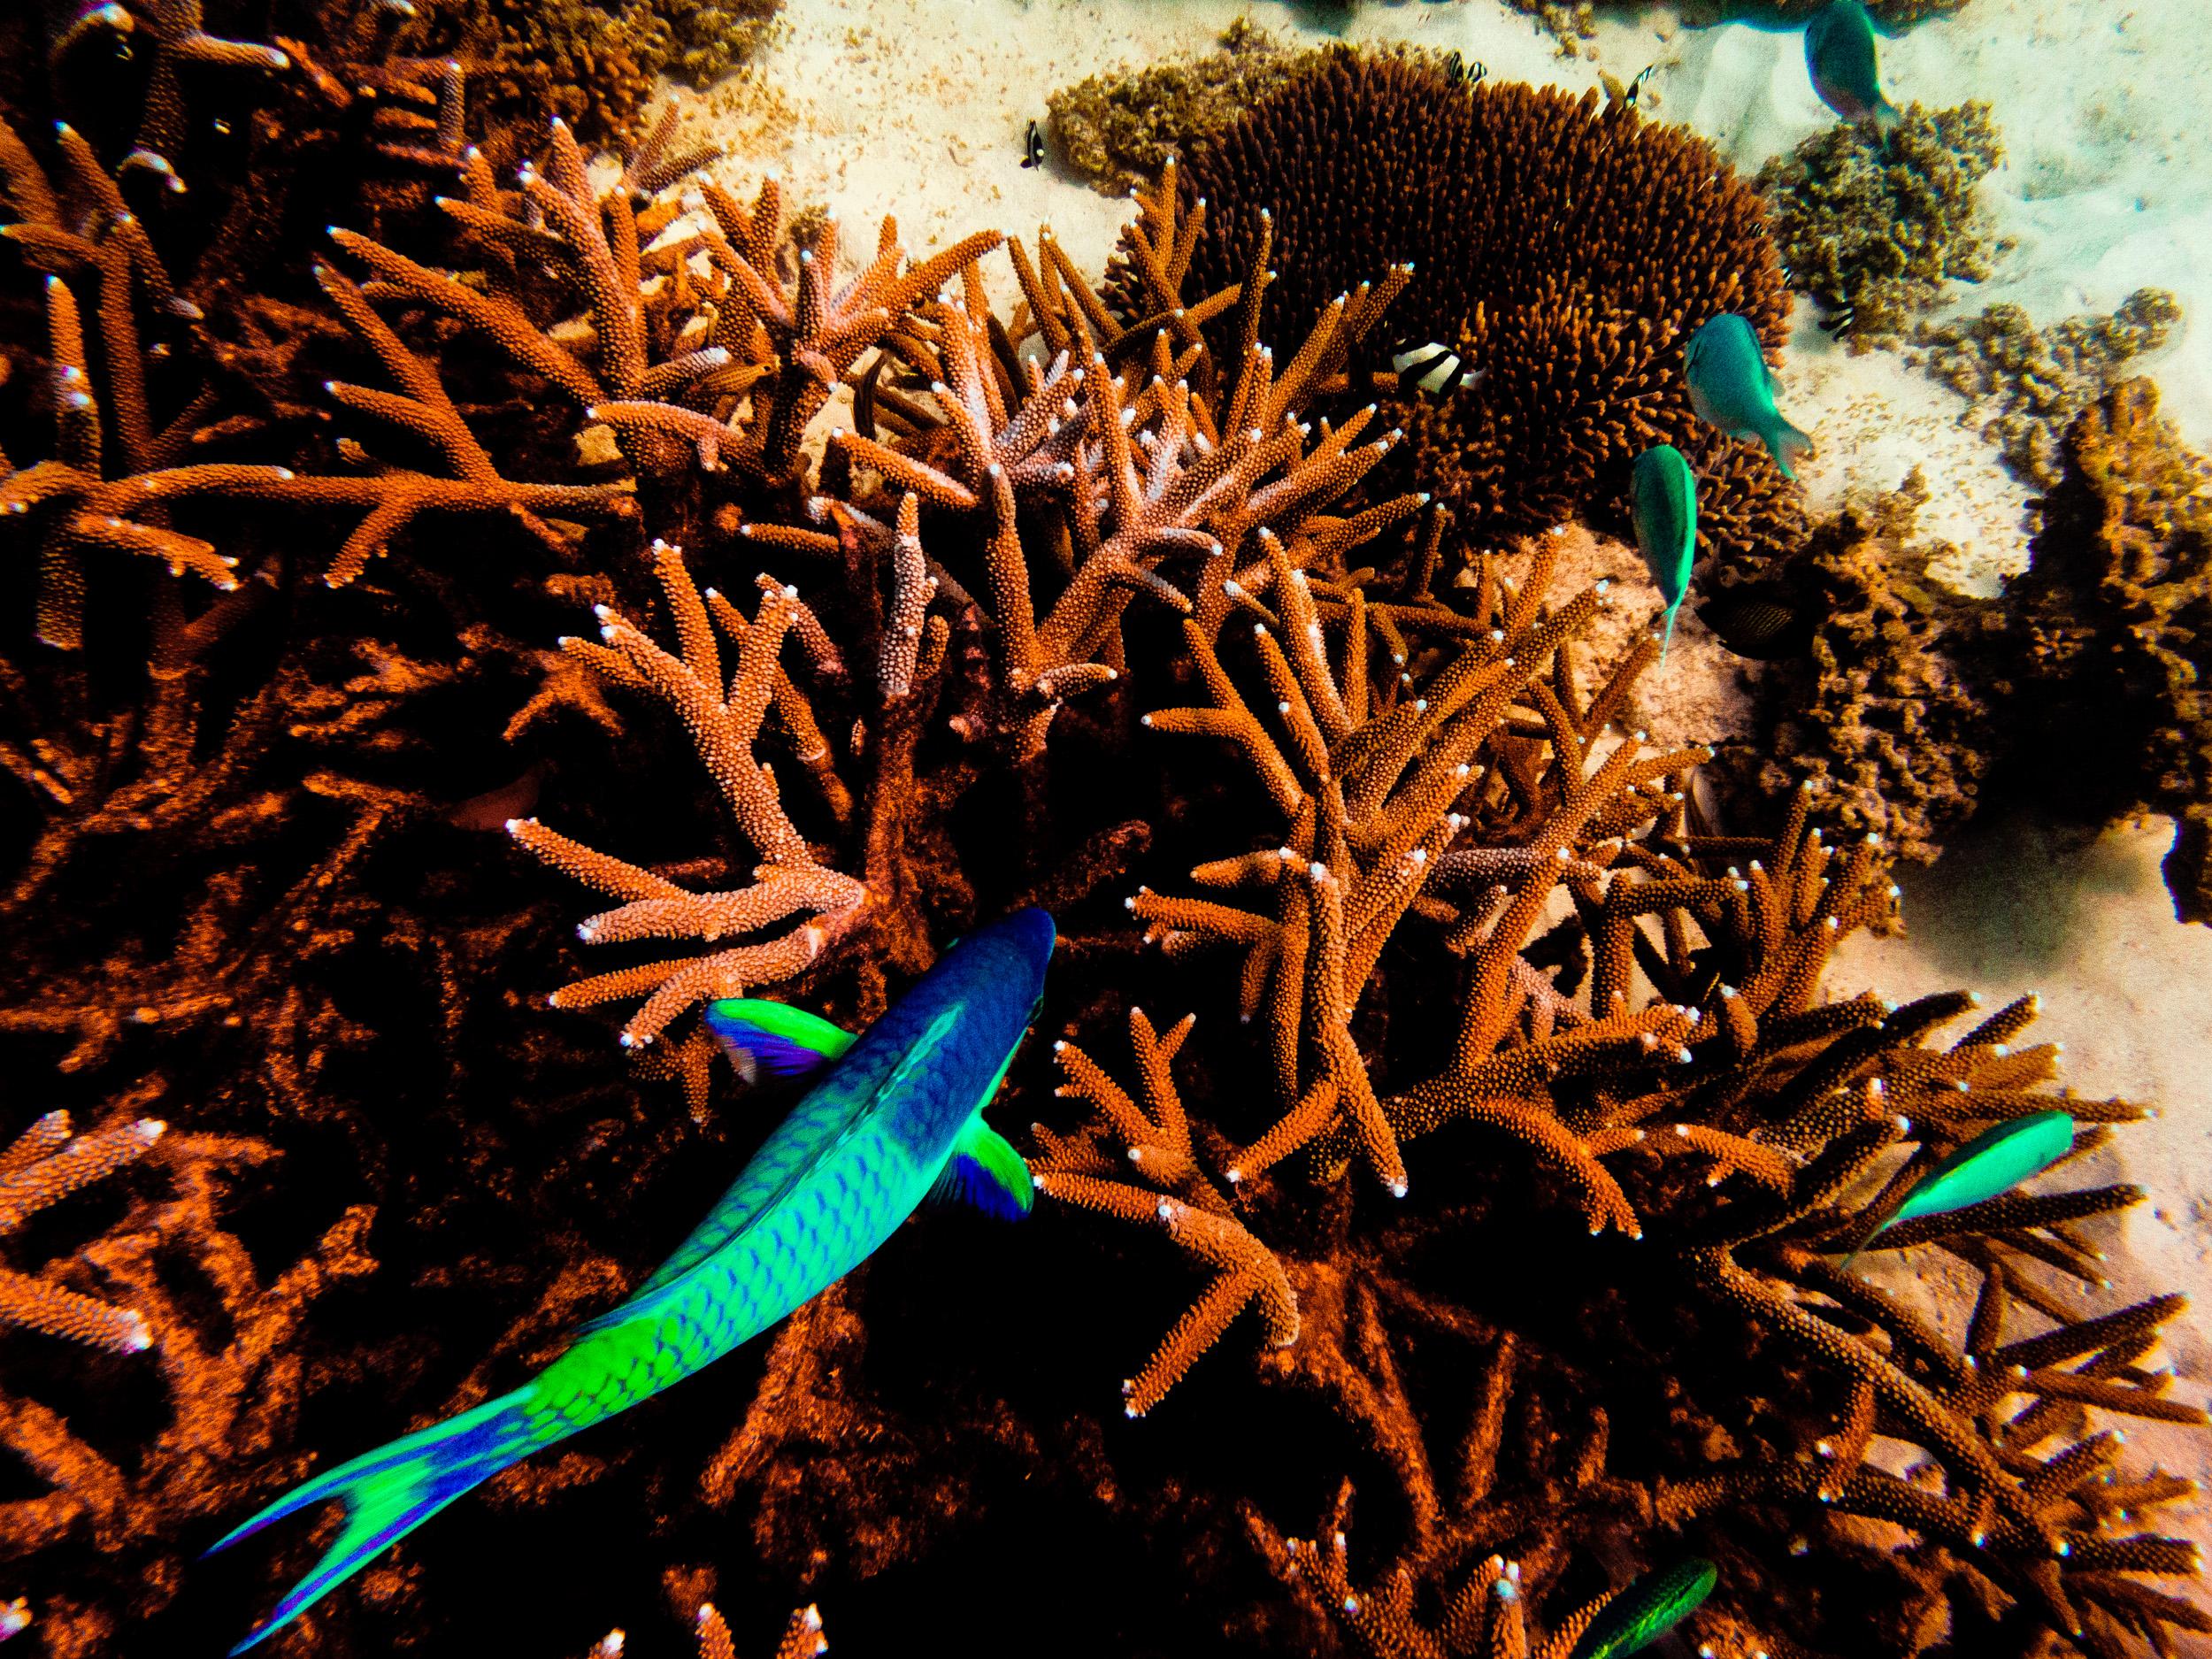 Spyrides_Kyle_Ningaloo_Reef_Sal_Salis.13.5.2016P5121697.jpg